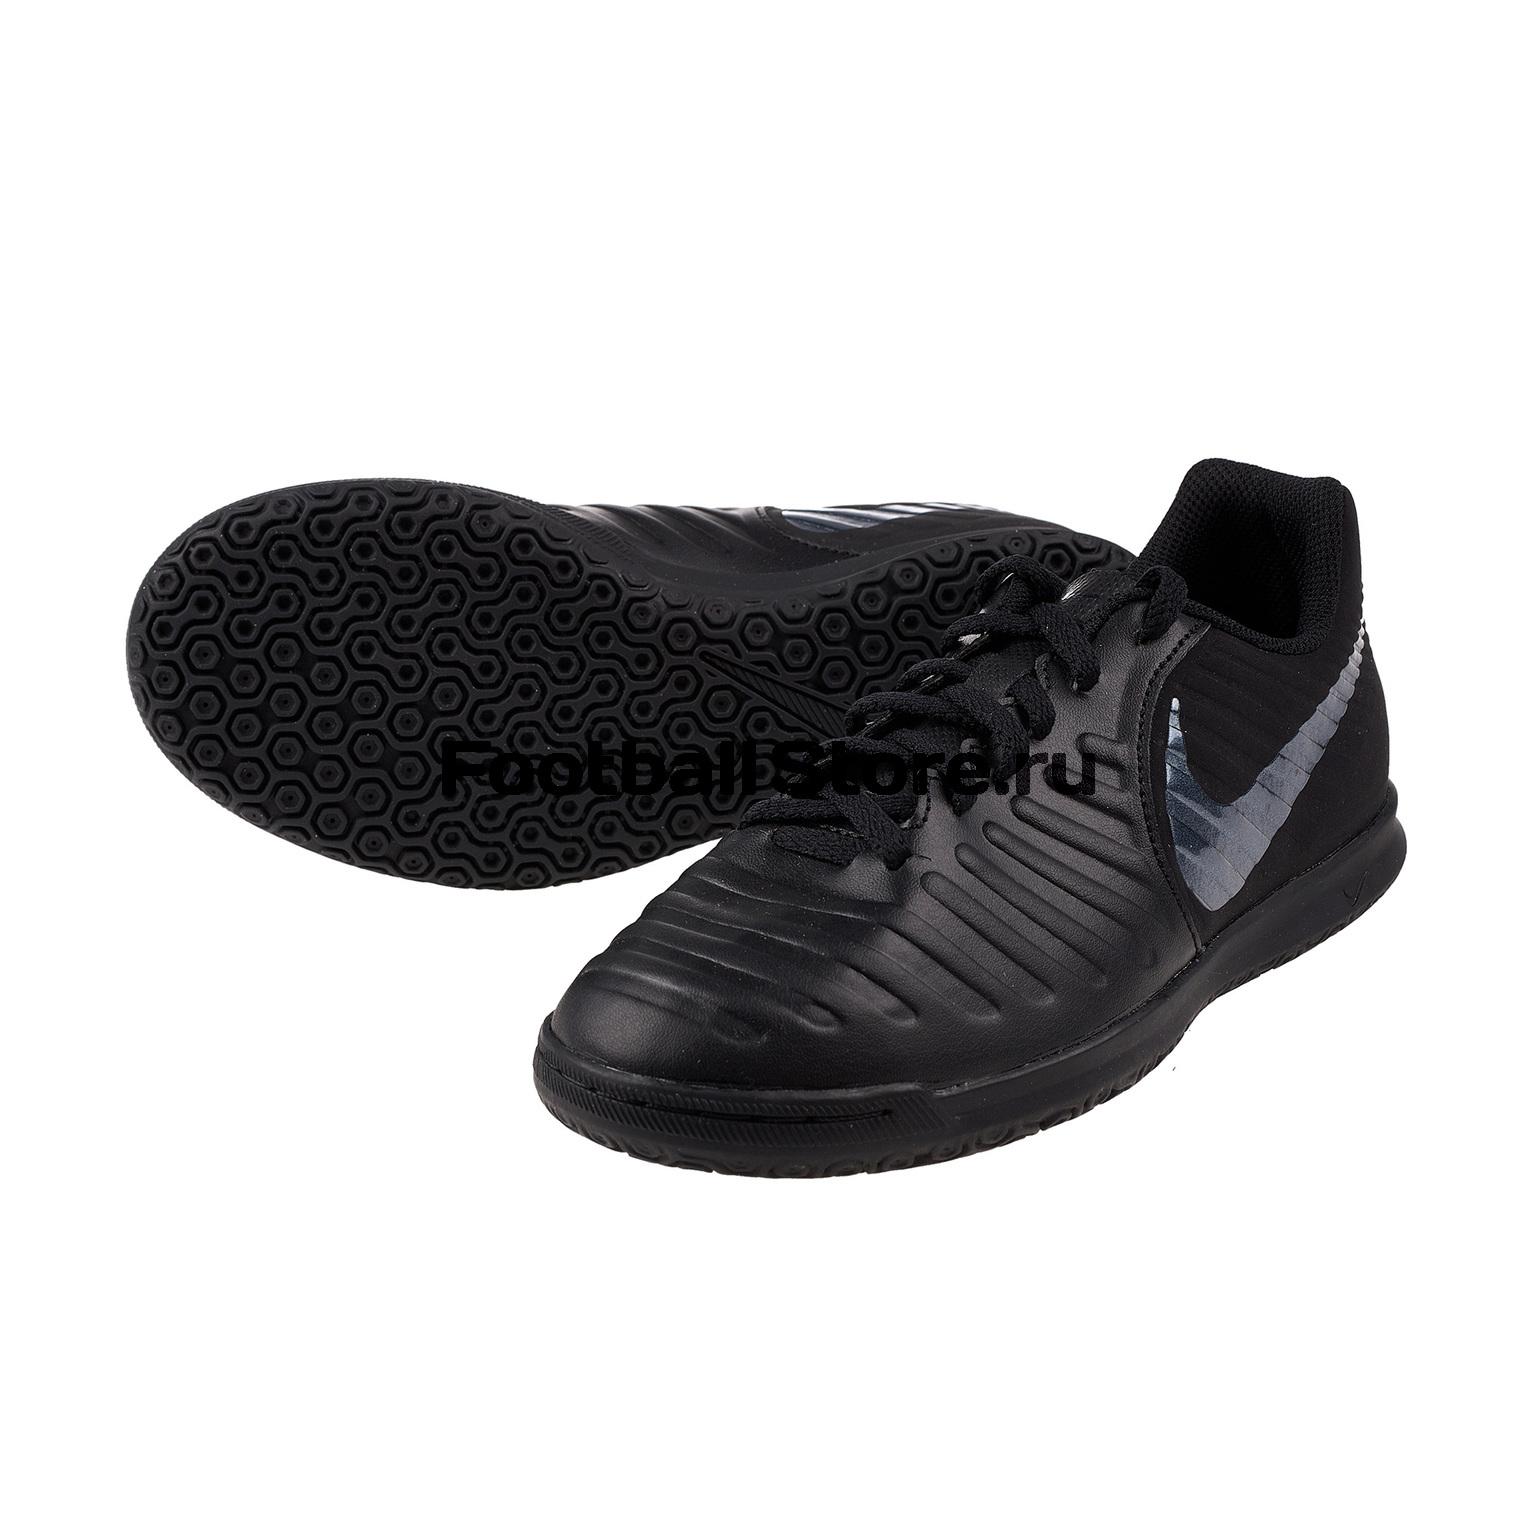 Футзалки детские Nike LegendX 7 Club IC AH7260-001 шиповки nike lunar legendx 7 pro tf ah7249 080